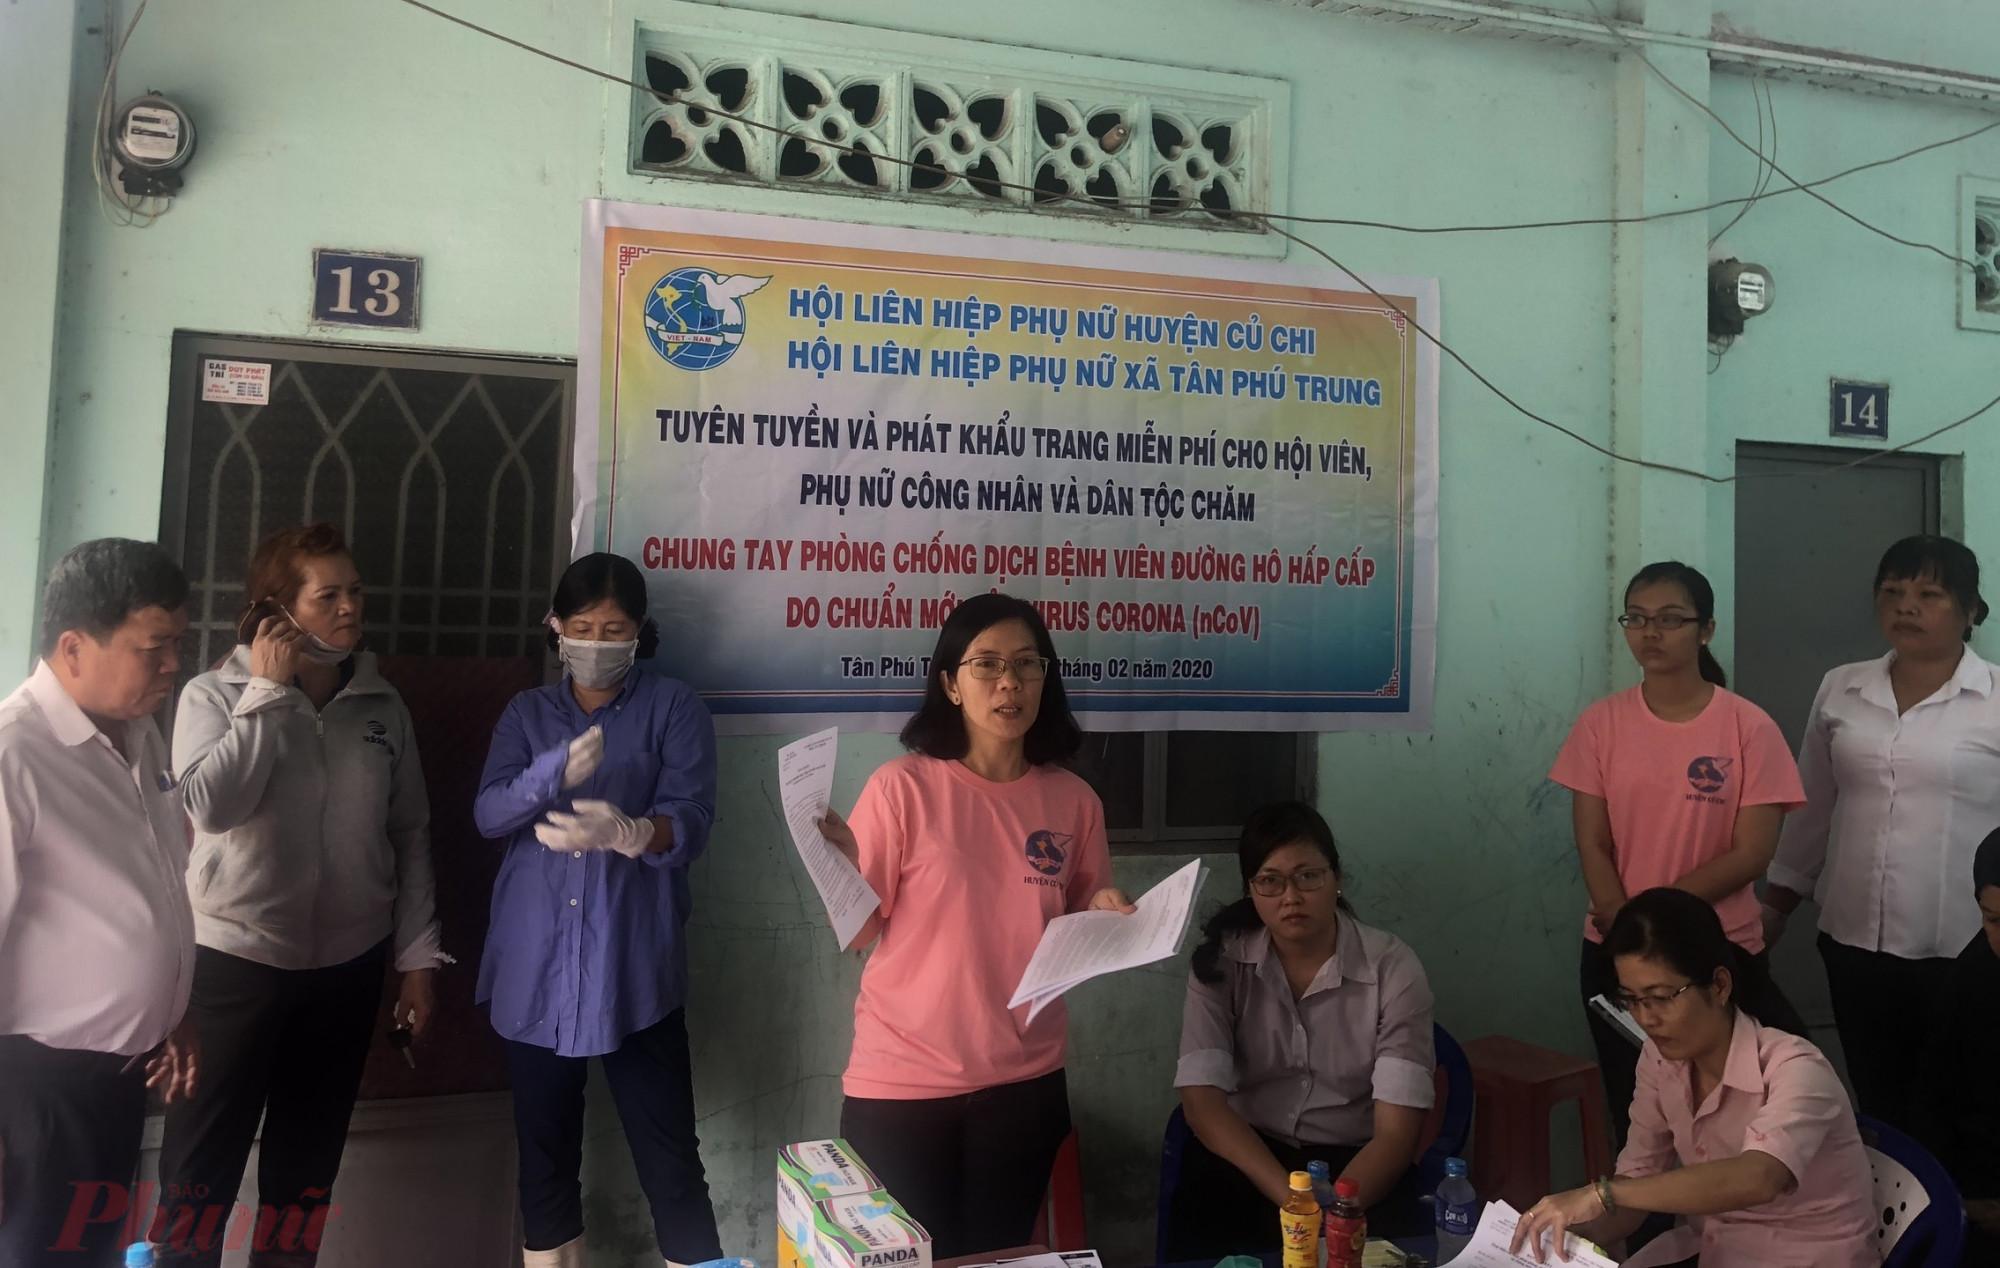 Hội truyền thông và hướng dẫn người dân các biện pháp phòng chống dịch bệnh.